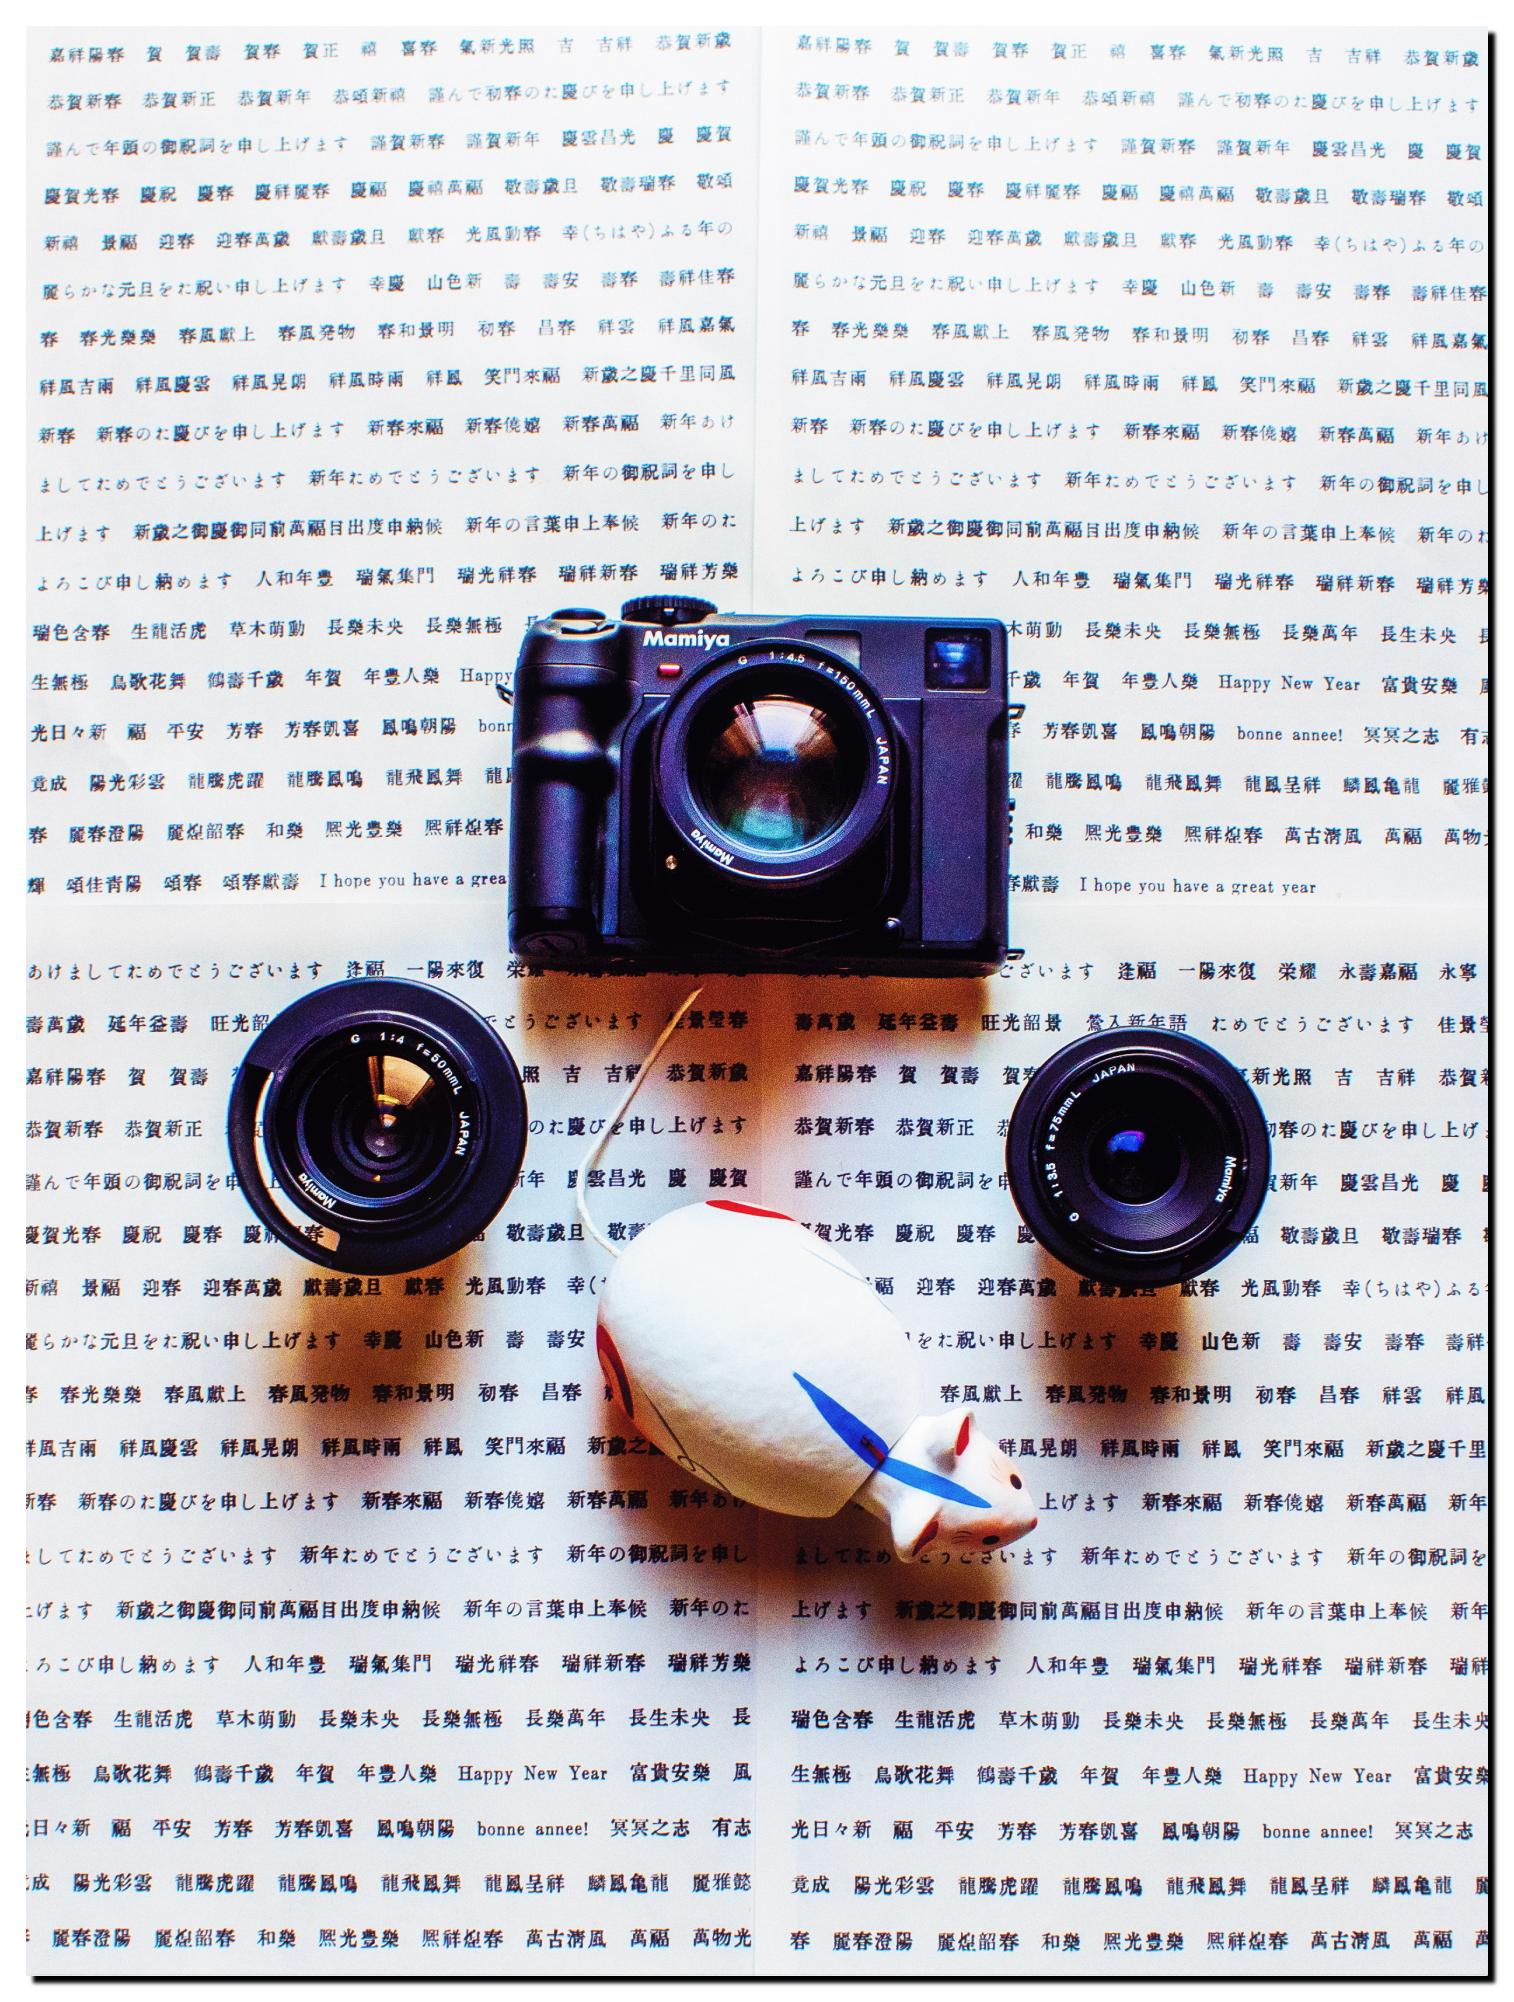 02LR-PB060023-Edit-6.jpg